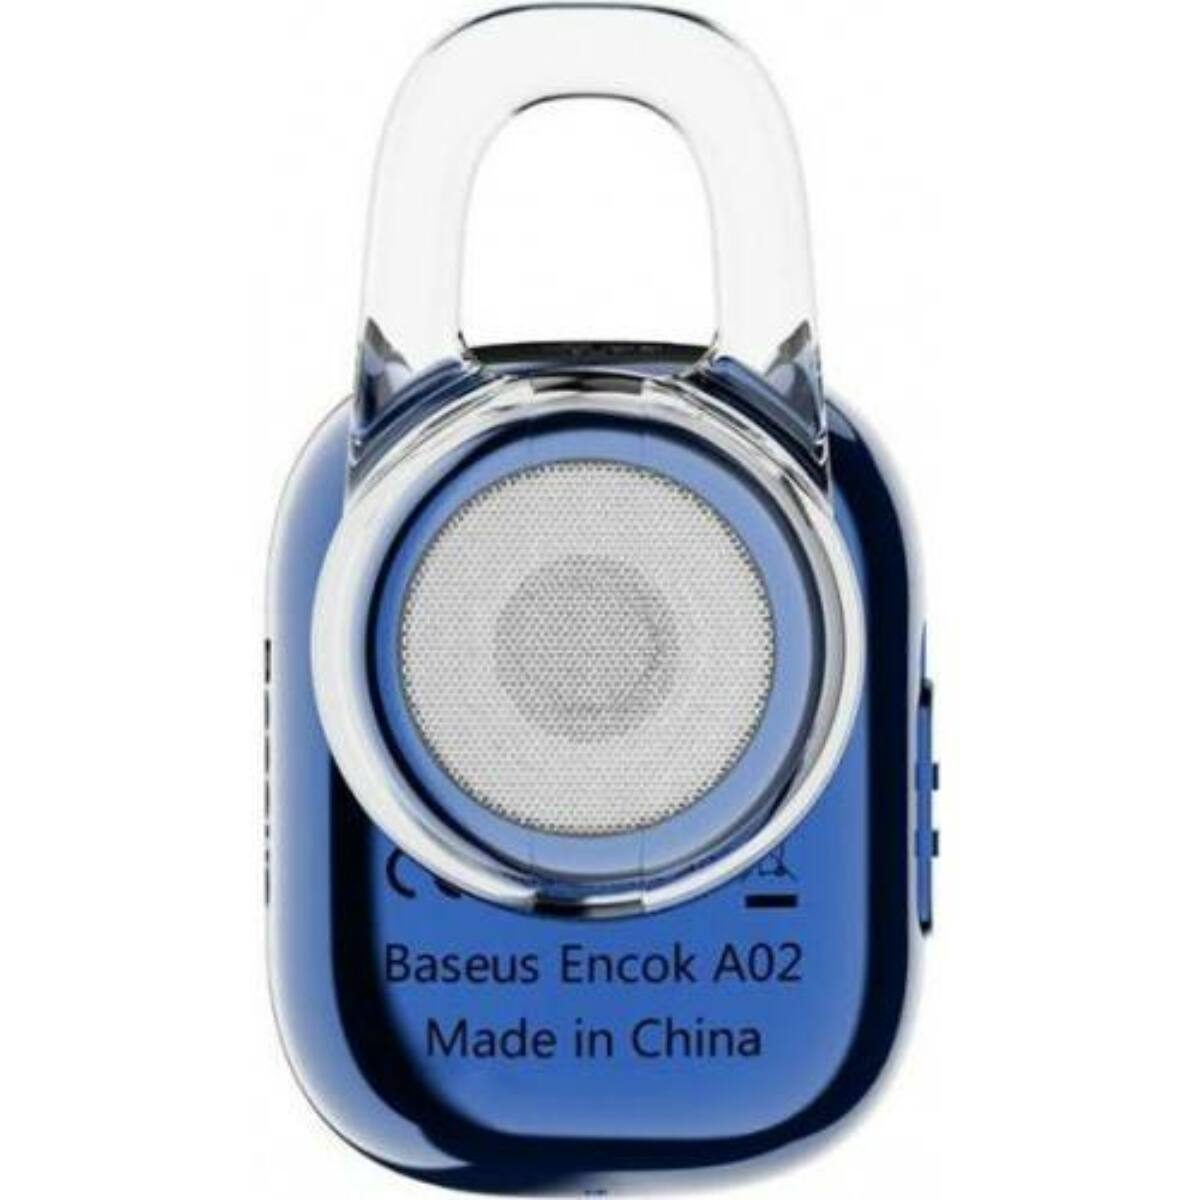 Baseus fülhallgató, Bluetooth Encok A02 Mini, vezeték nélküli, kék (NGA02-03)